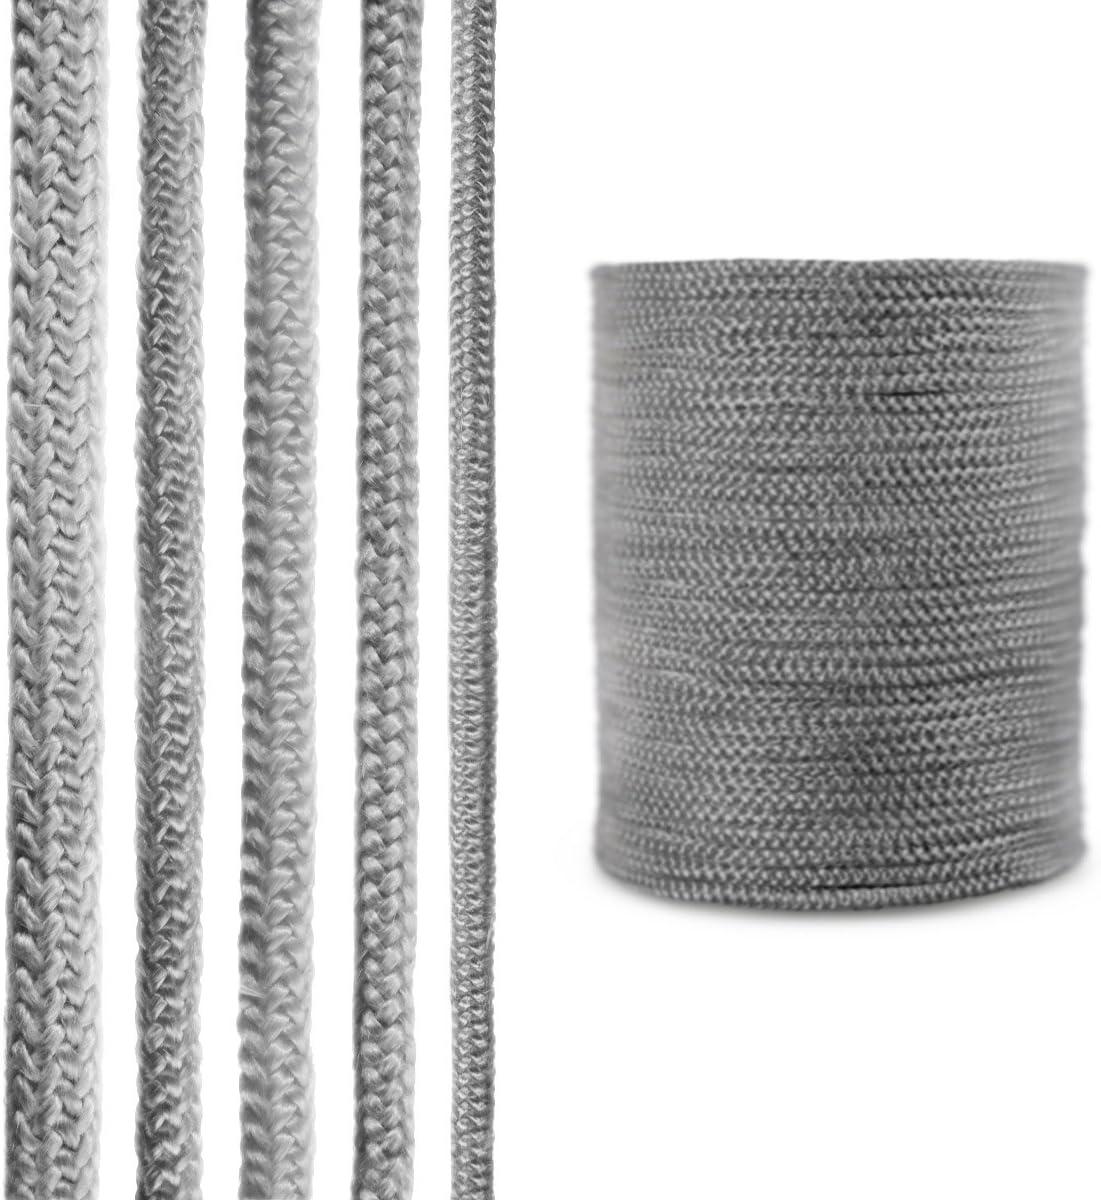 STEIGNER Corde en Fibre de Verre SKD02-8 8 mm Scellant Gris Fonc/é R/ésistante /à la Temp/érature jusqu/à 550 /° C 5 m